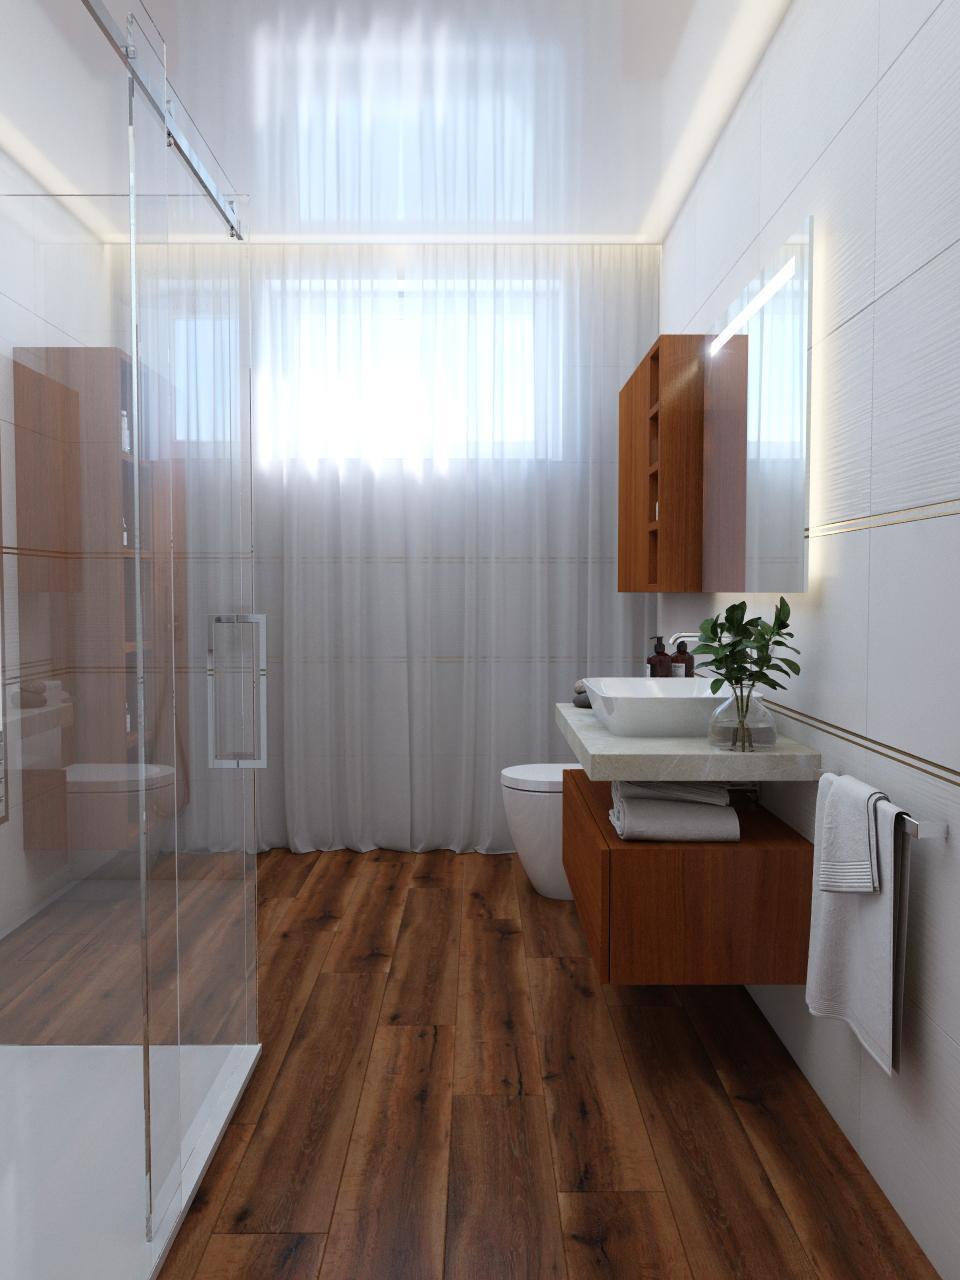 Moderná kúpeľňa / Vizualizácia - Obrázok č. 19